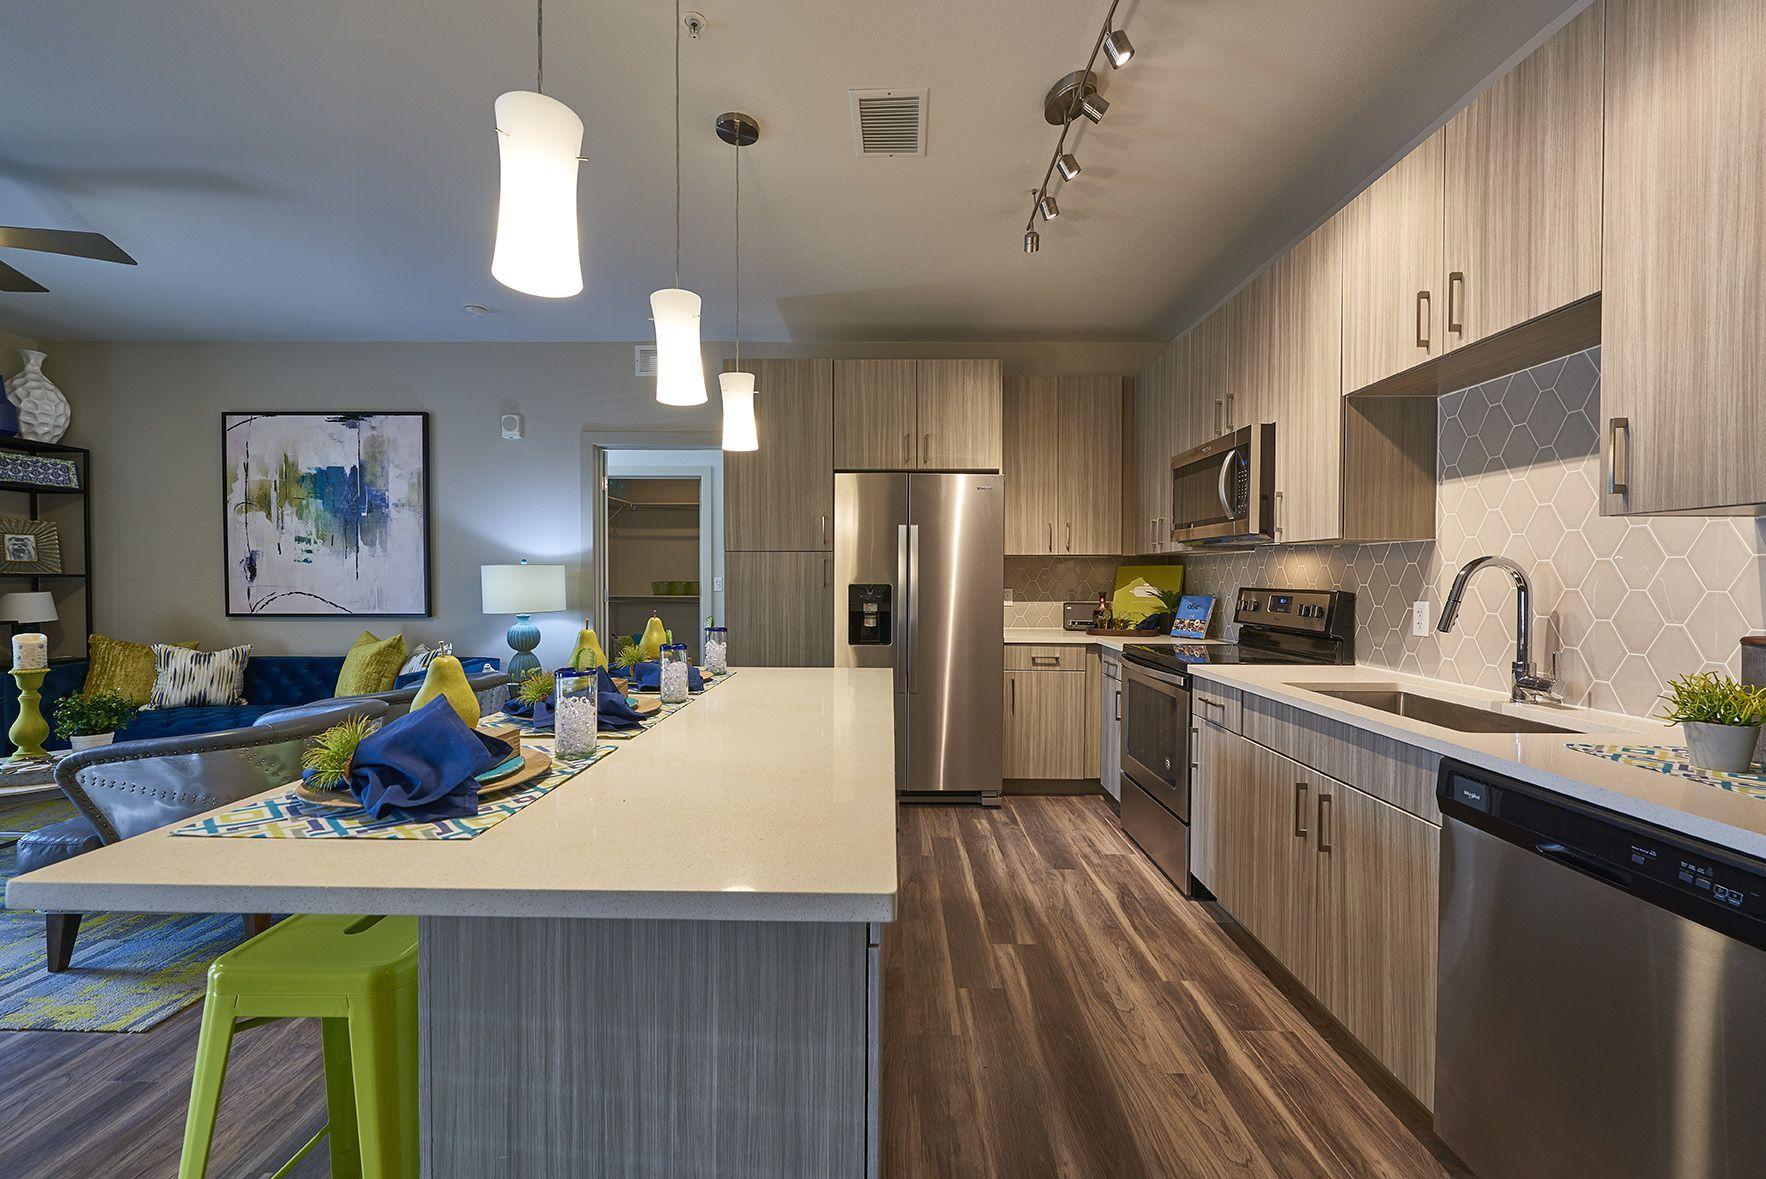 Apartments Near Denver Encore Evans Station Apartments for Denver Students in Denver, CO